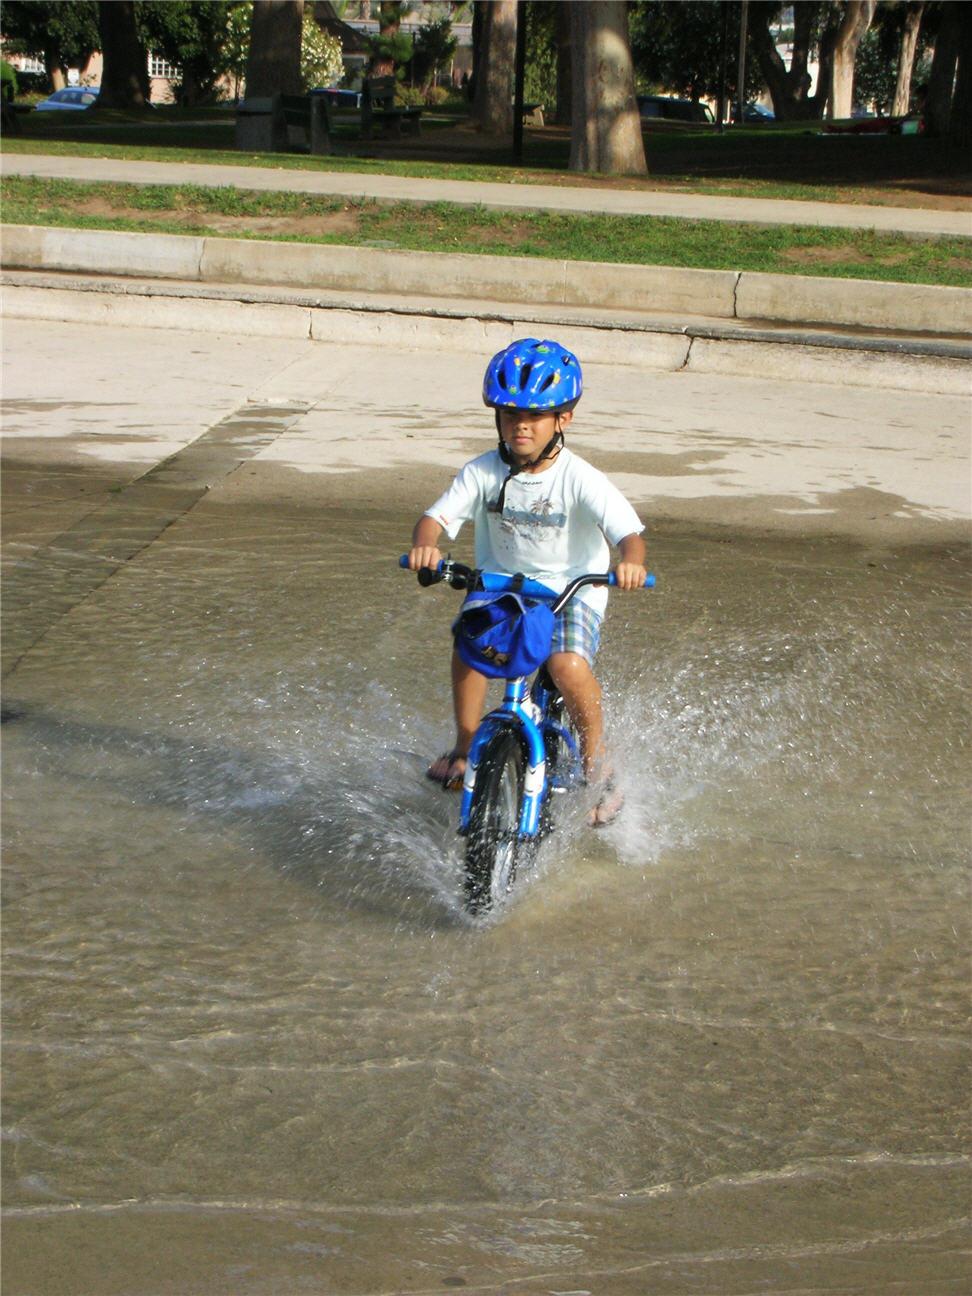 splashing-thru-water-in-brentwood